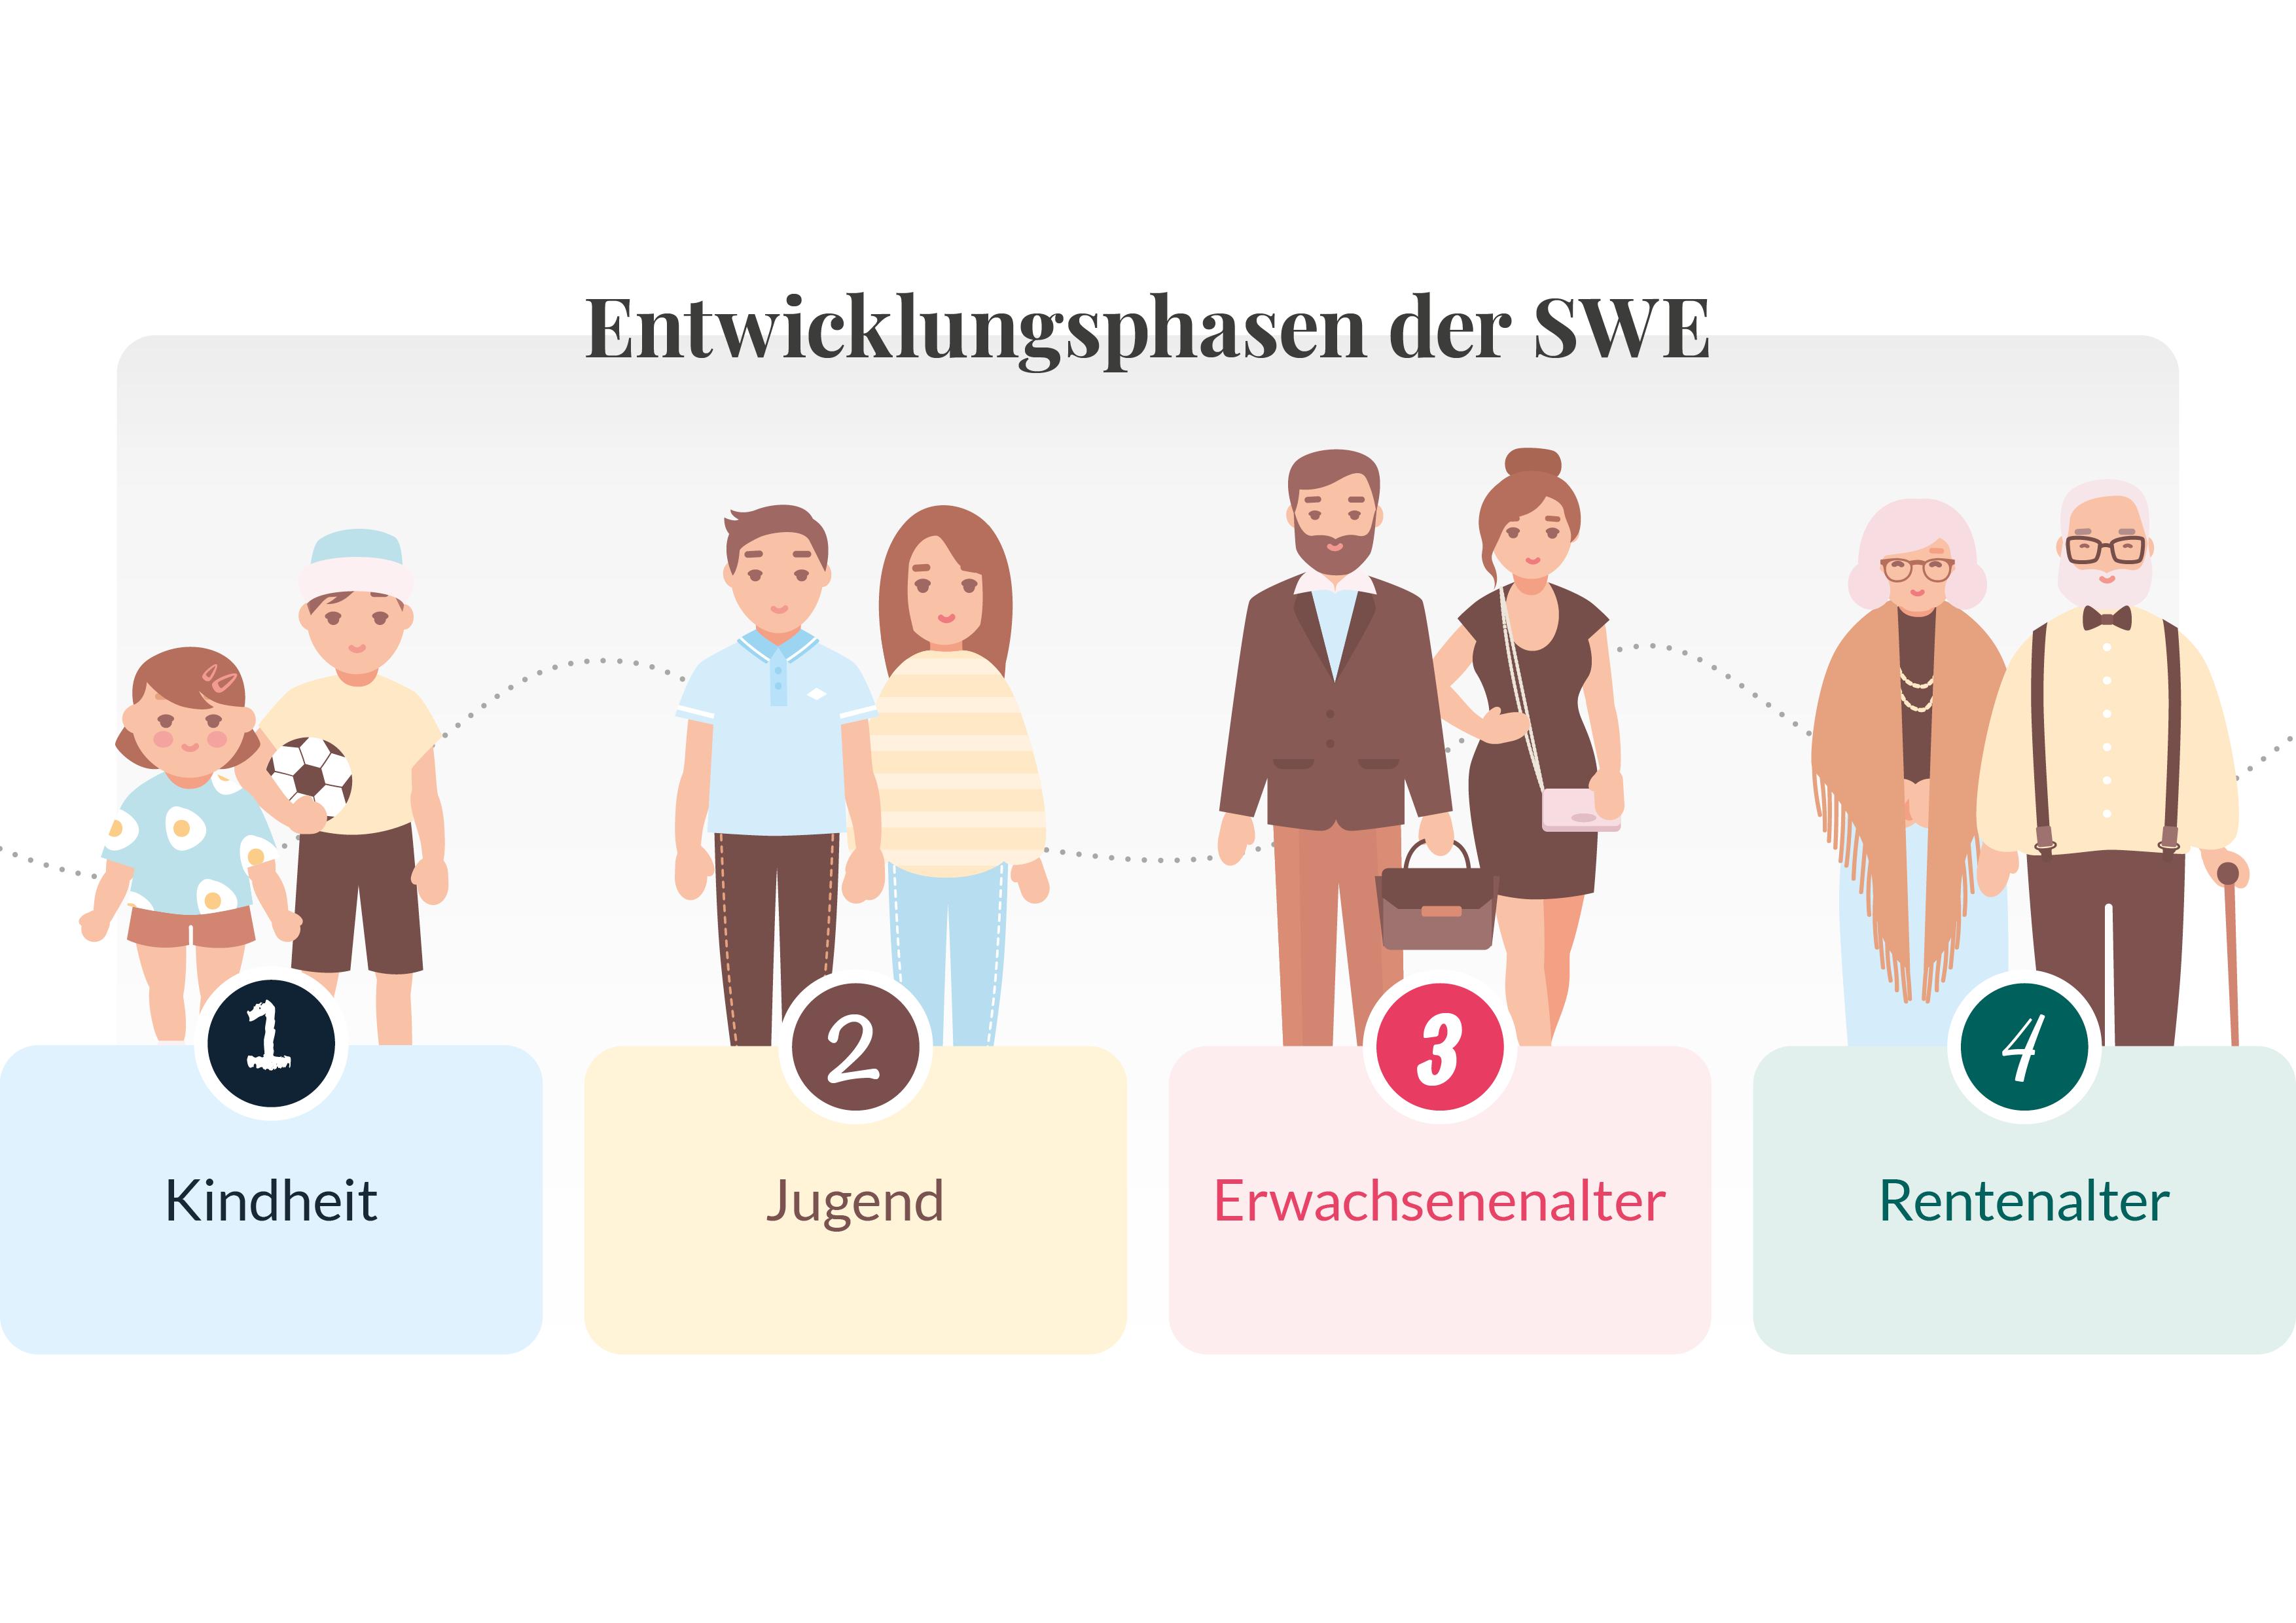 Entwicklungsphasen der SWE